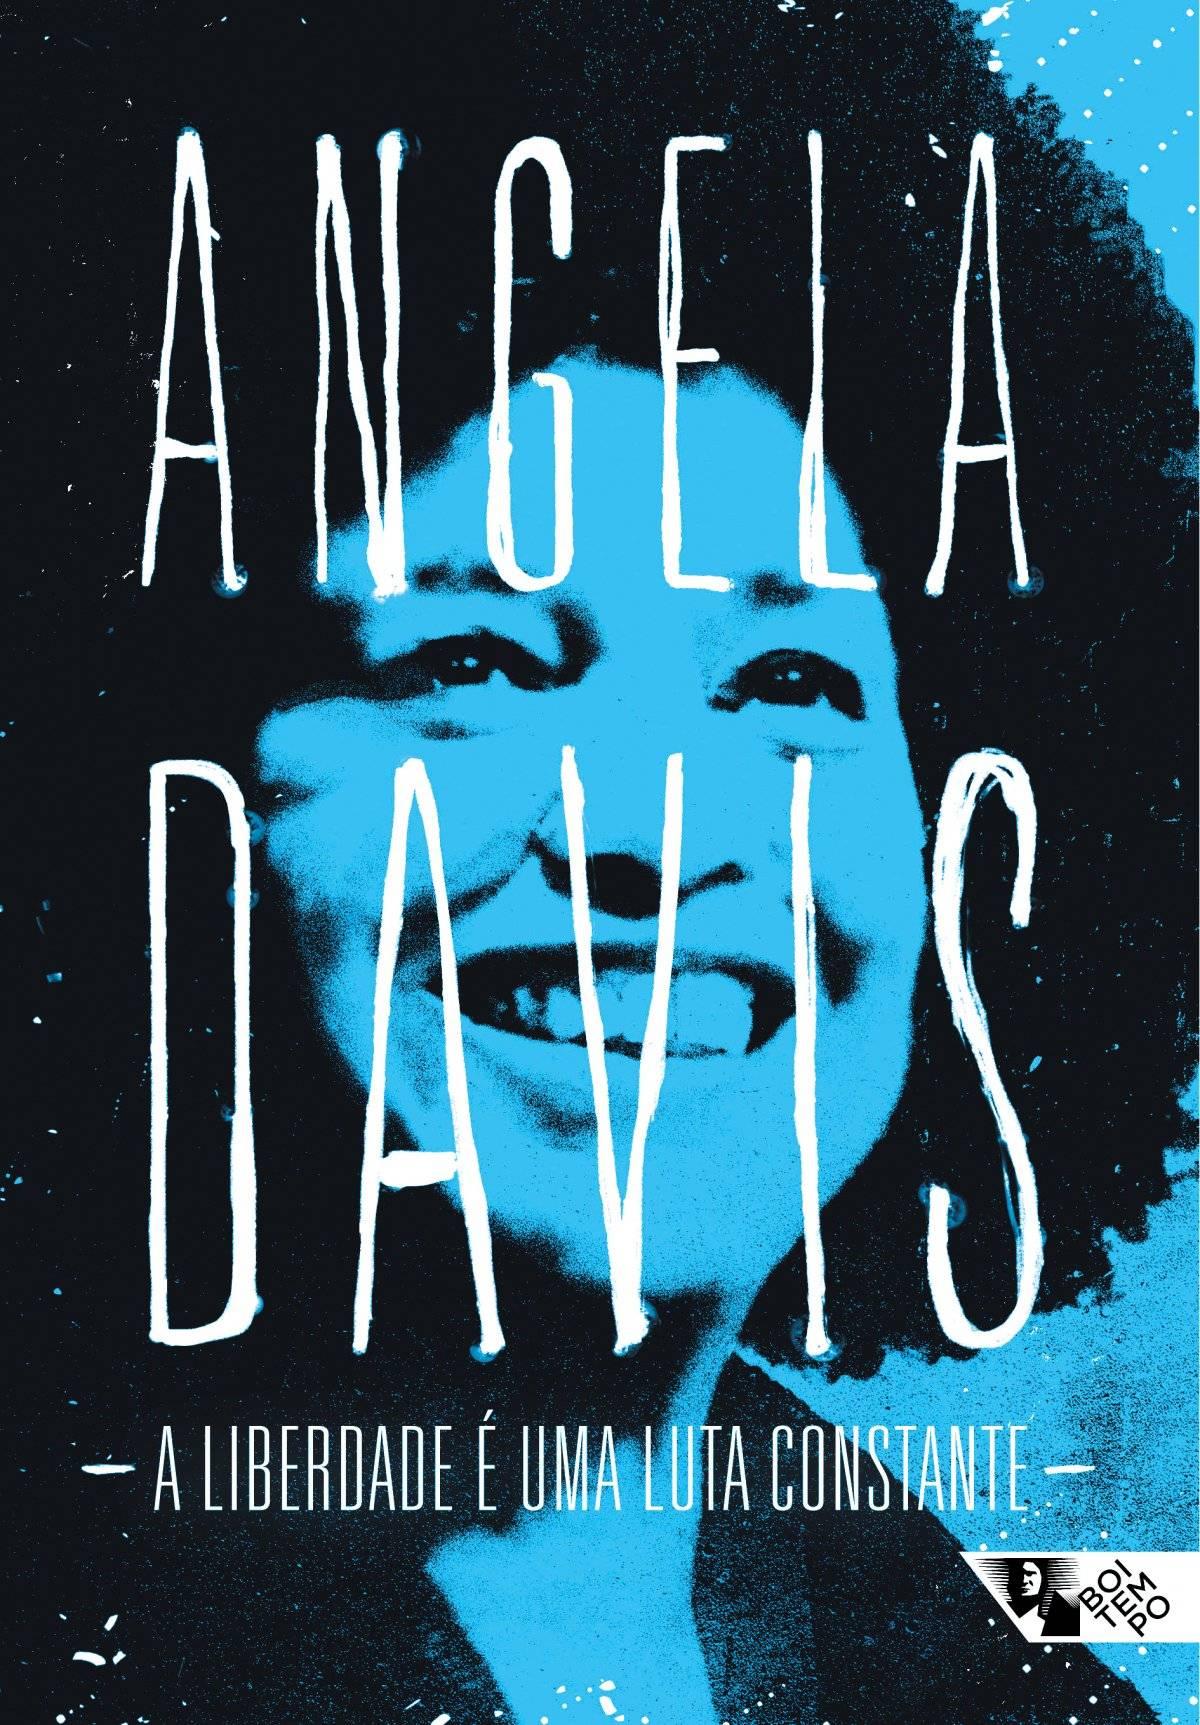 A liberdade é uma luta constante | O novo livro da ativista política Angela Davis reúne uma ampla seleção de seus artigos, discursos e entrevistas recentes realizados em diferentes países entre 2013 e 2015, organizados pelo militante dos direitos humanos Frank Barat.